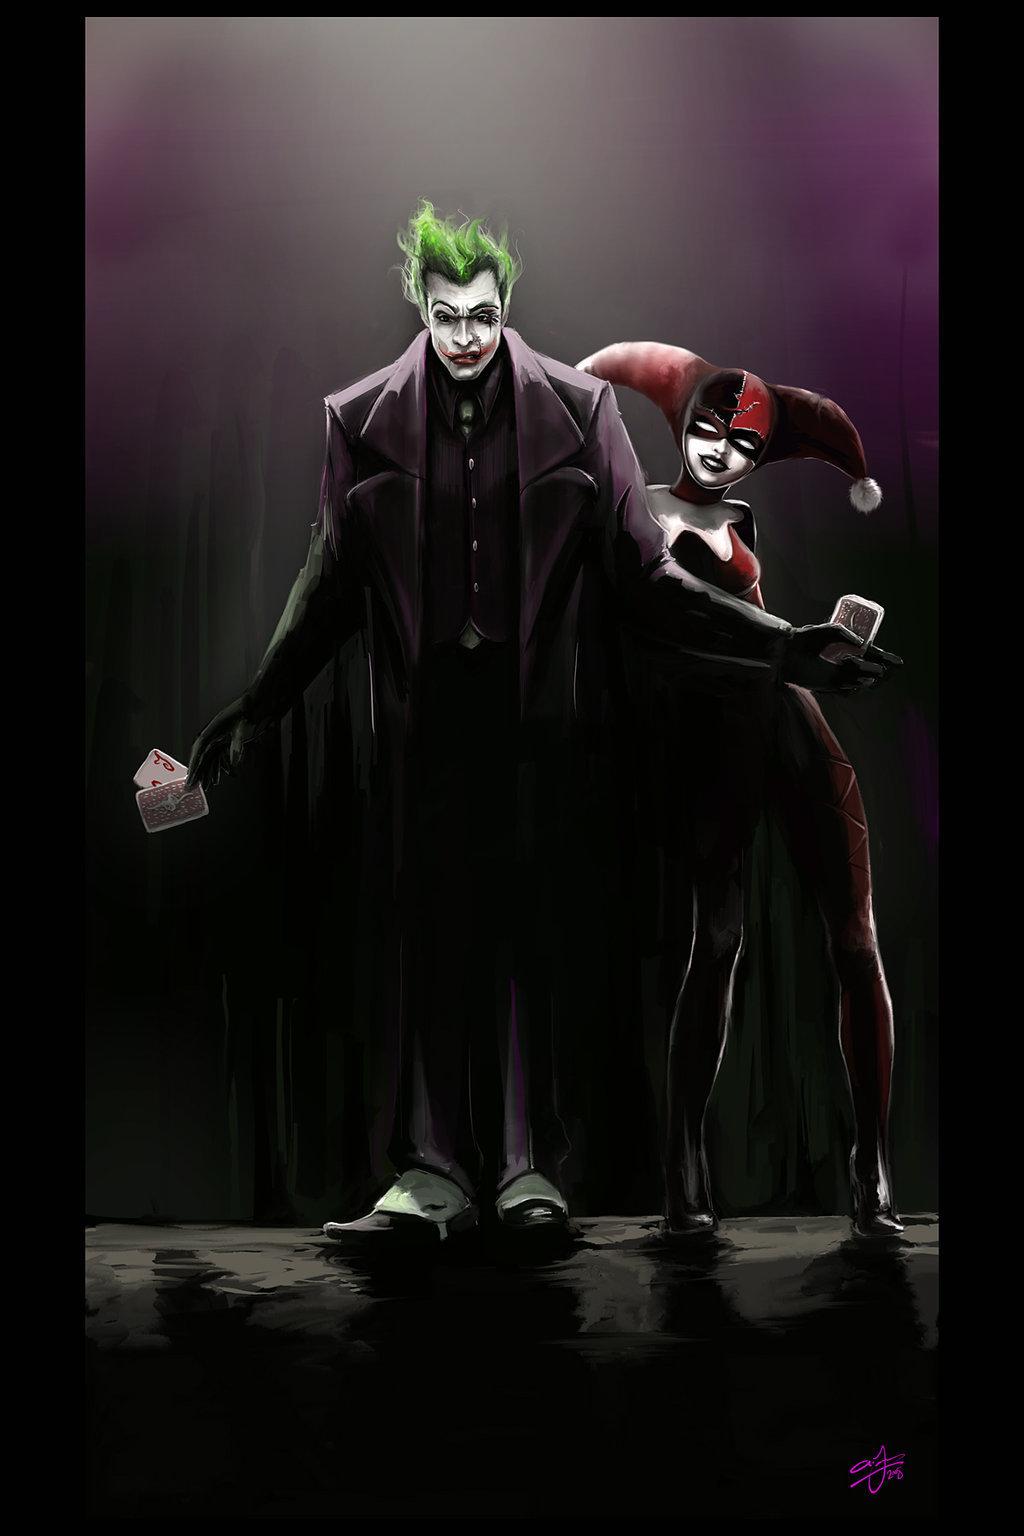 Joker Harley Quinn Comic Books Fan Art 4286046 Fanpop